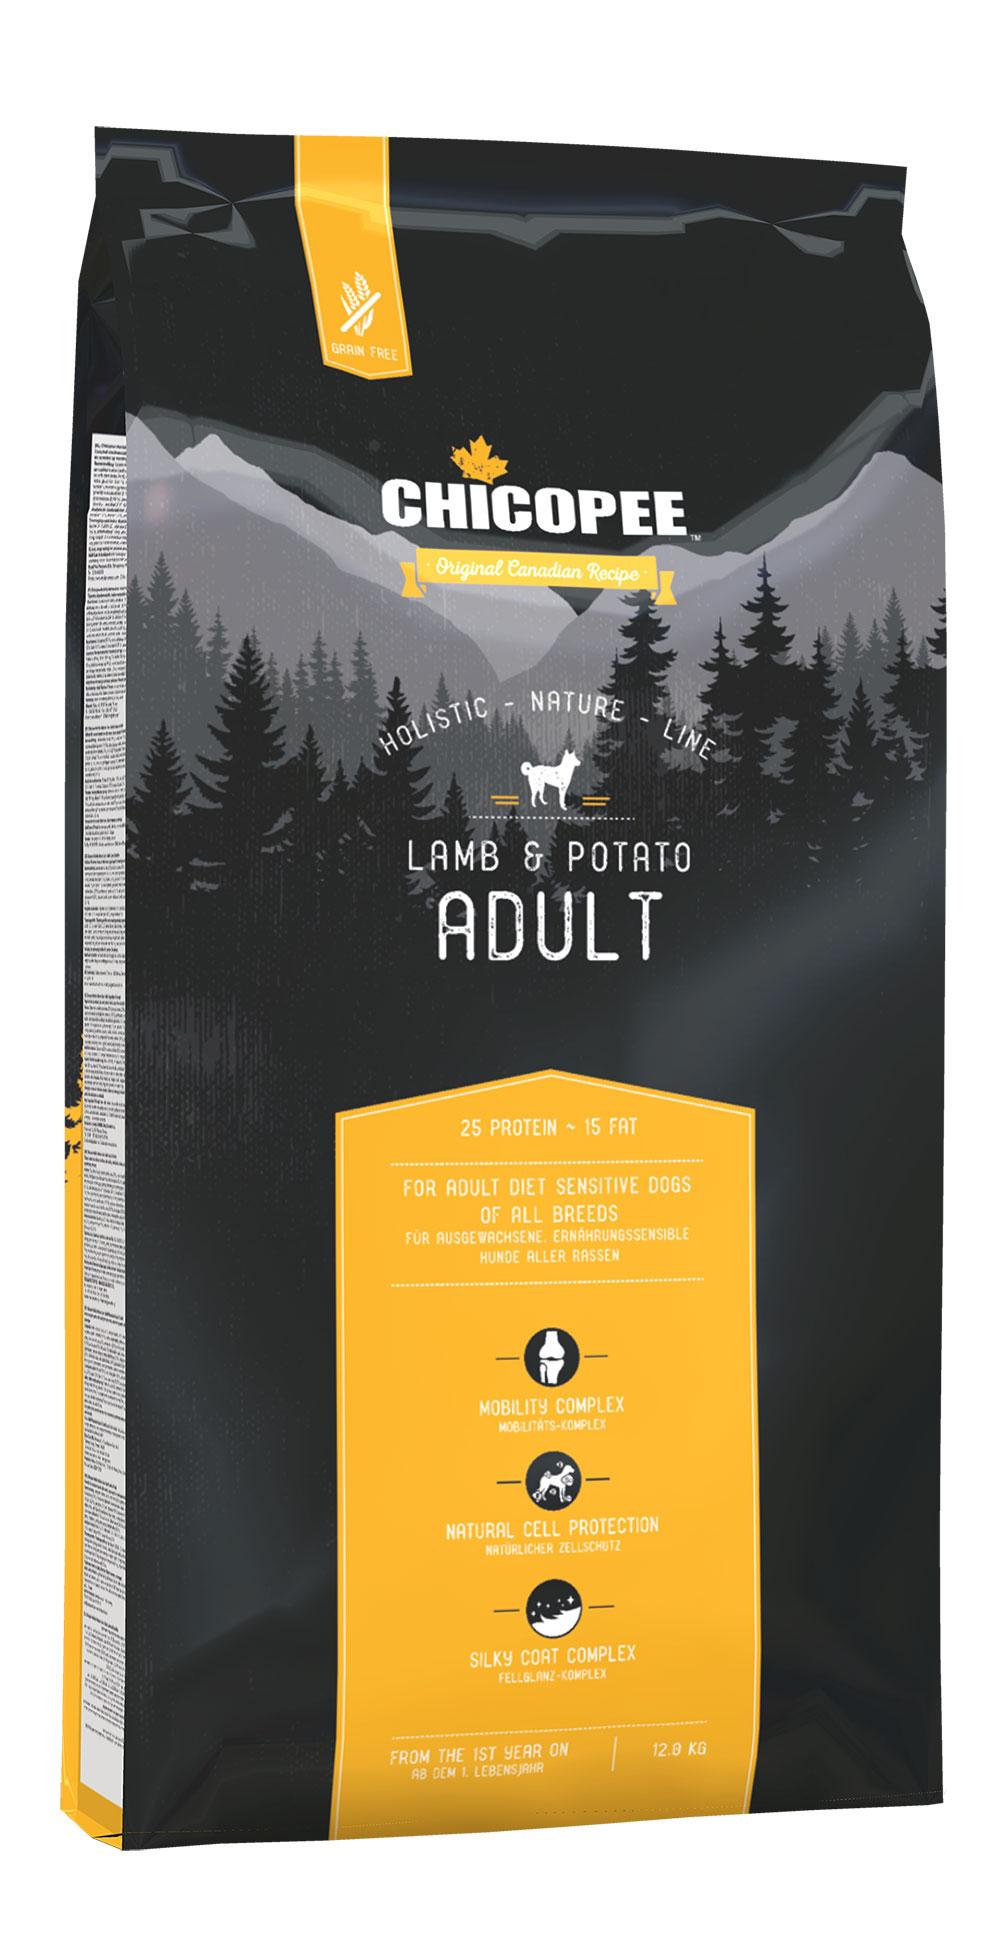 Begrūdis Šunų Maistas Chicopee Adult Lamb & Potatot 2kg.